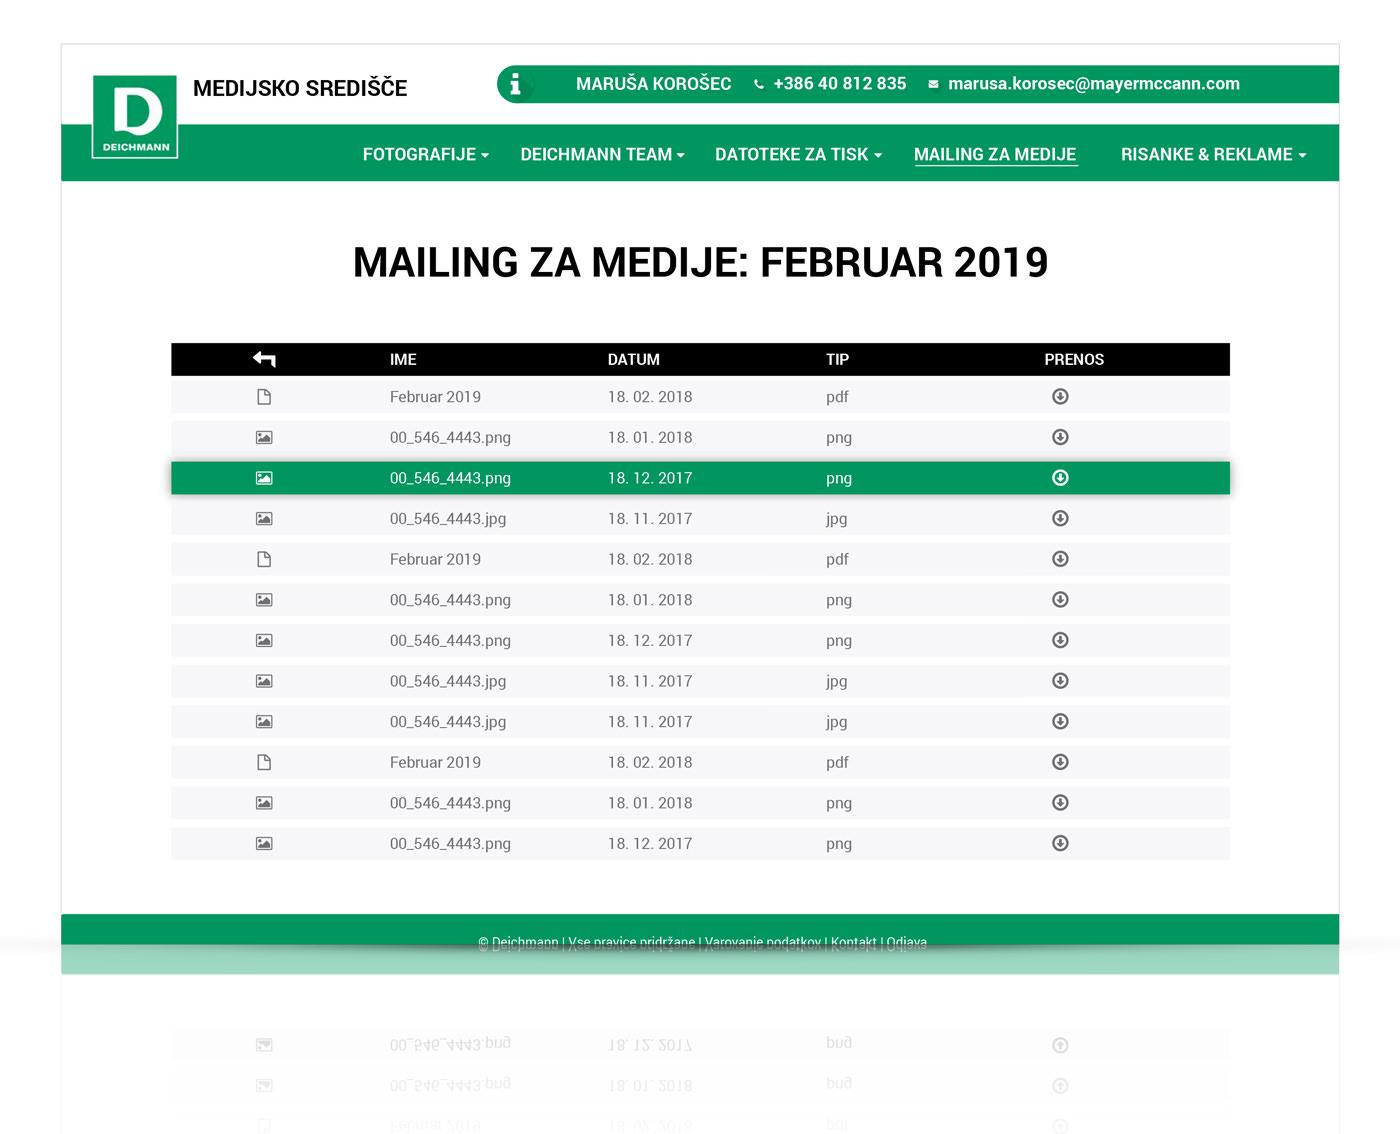 Oblikovanje spletne strani za Deichmann medijsko središče.